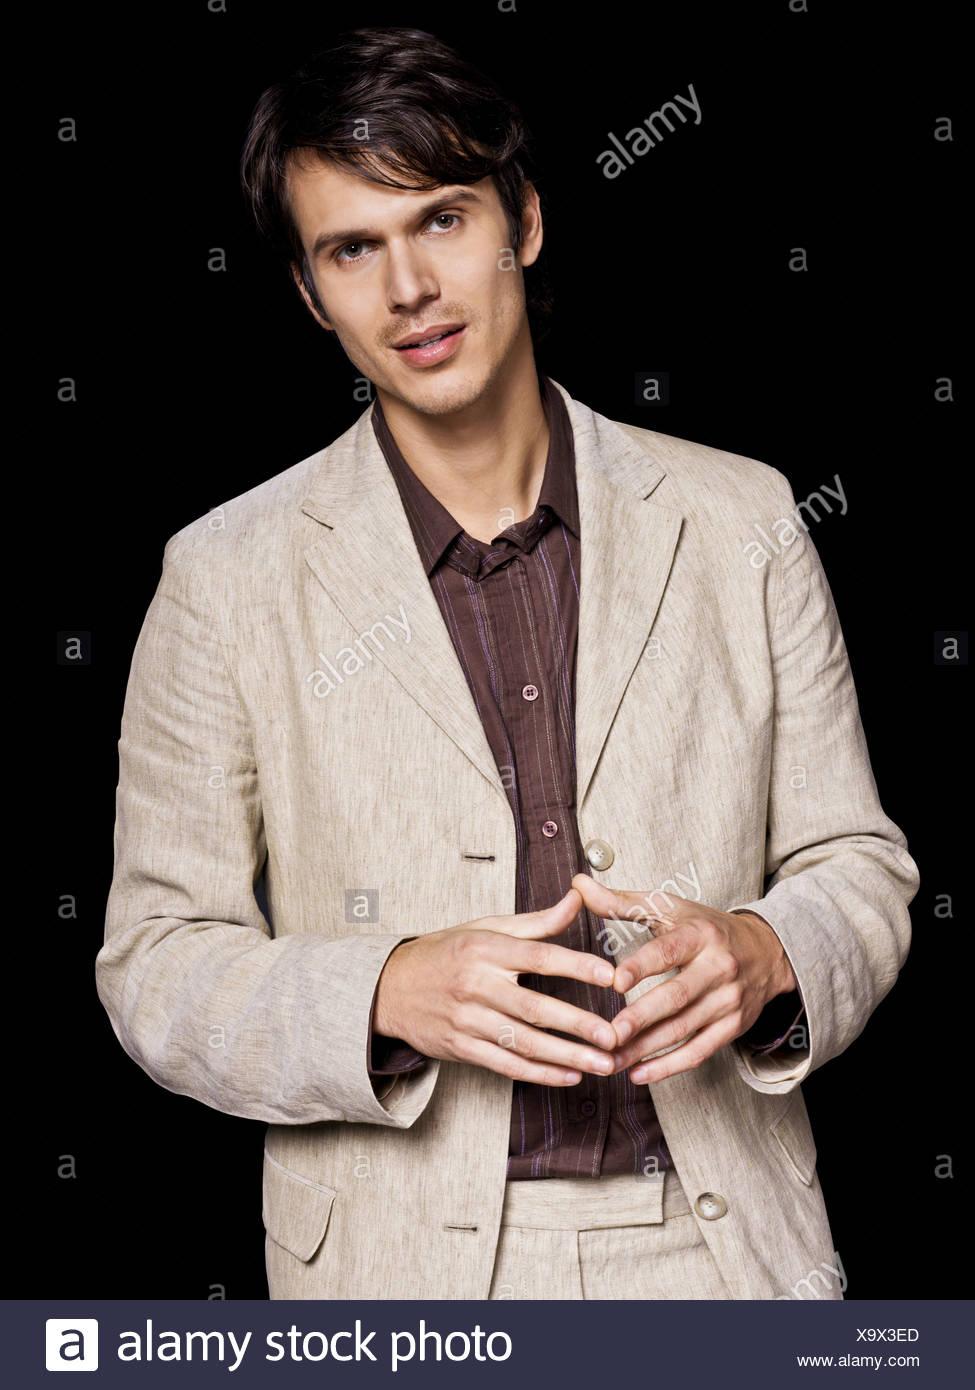 Man wearing beige jacket, portrait - Stock Image